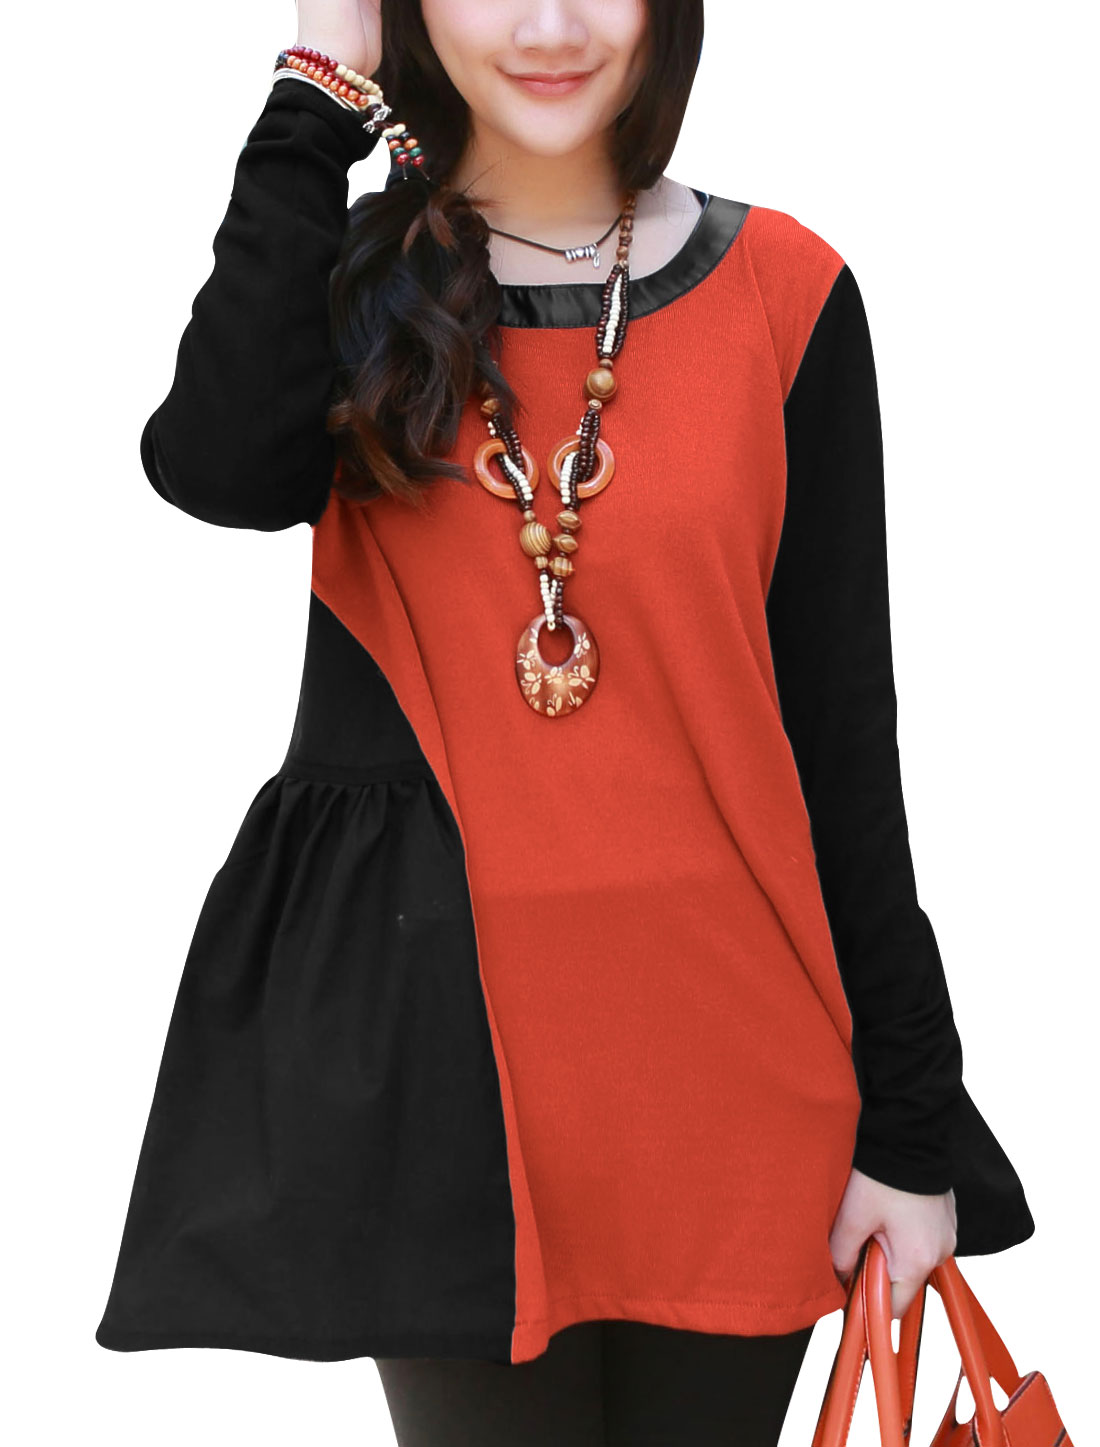 Maternity Spliced Contrast Color Slipover Top Orange Red Black L